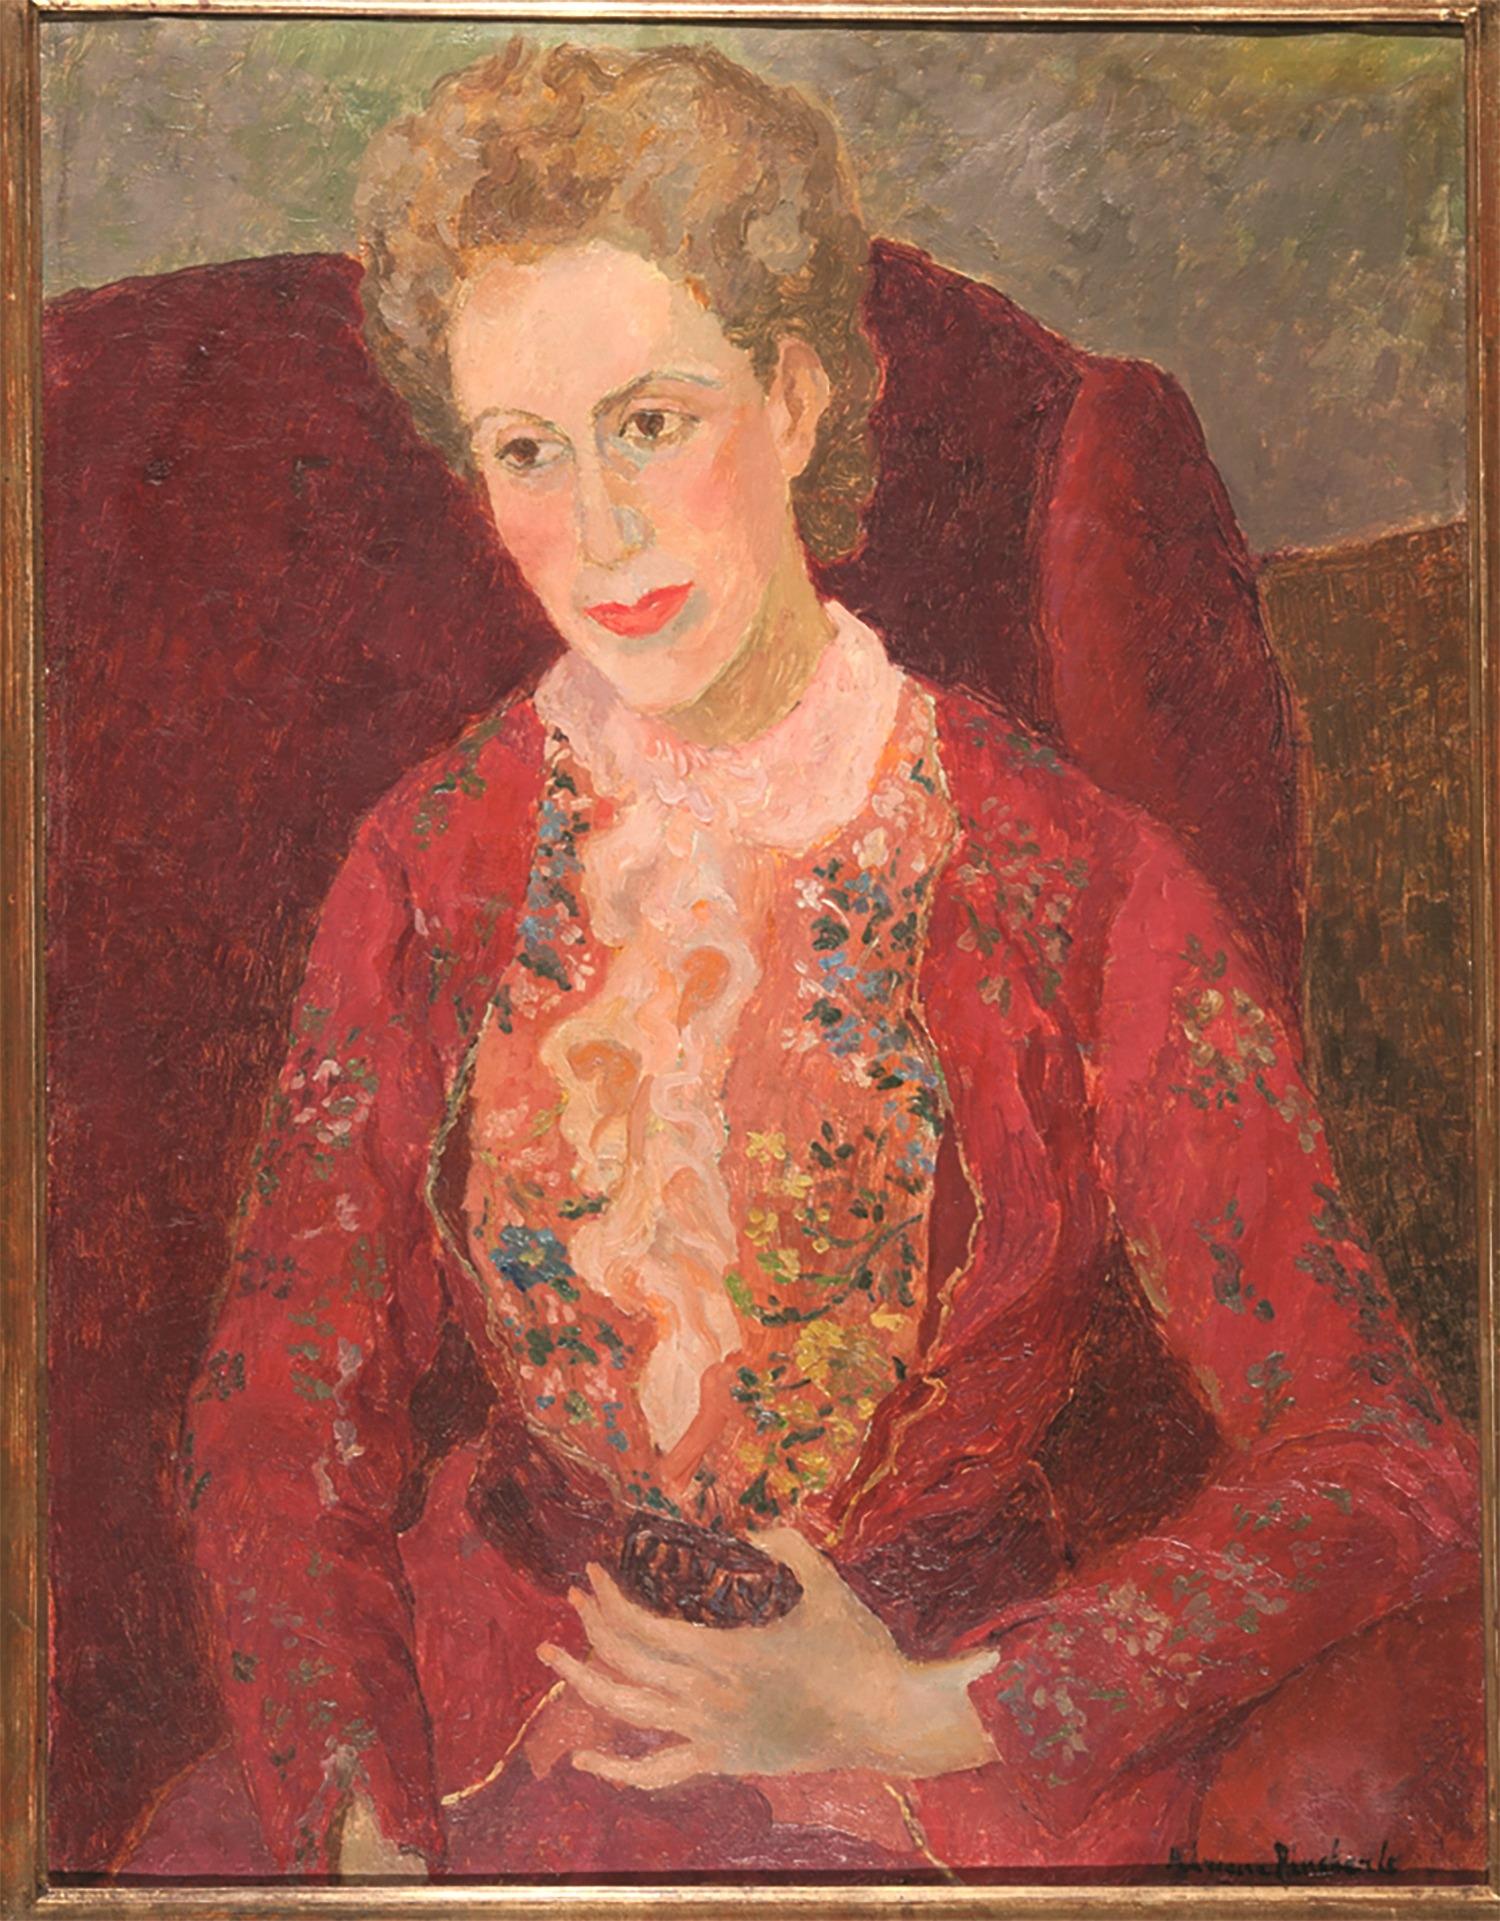 Portrait of Gianna Manzini by Adriana Pincherle